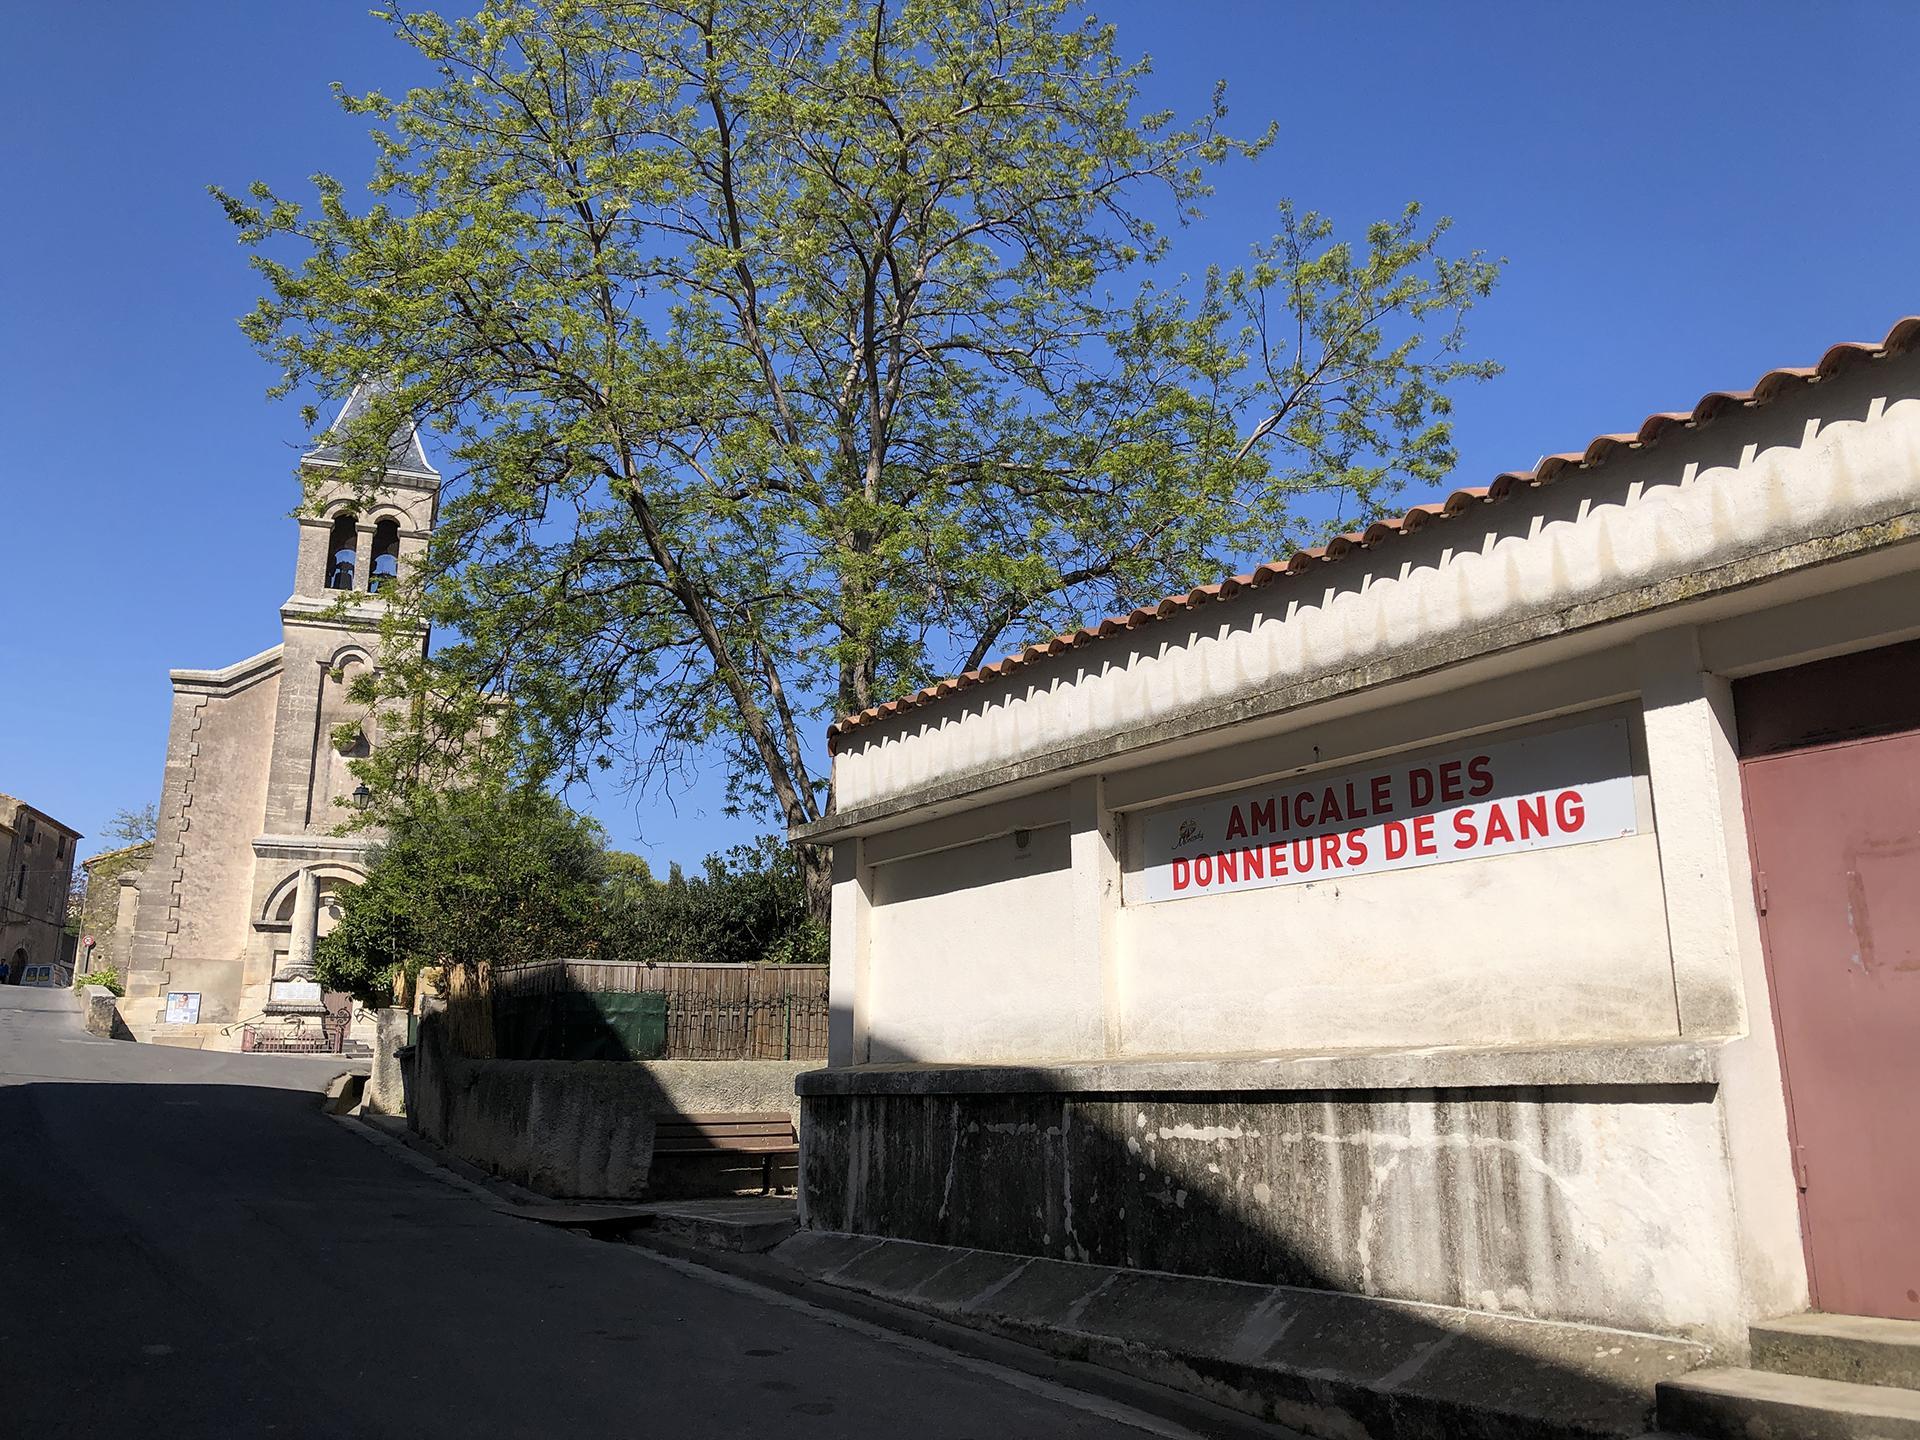 Eglise de montady et local donneurs de sang de profil